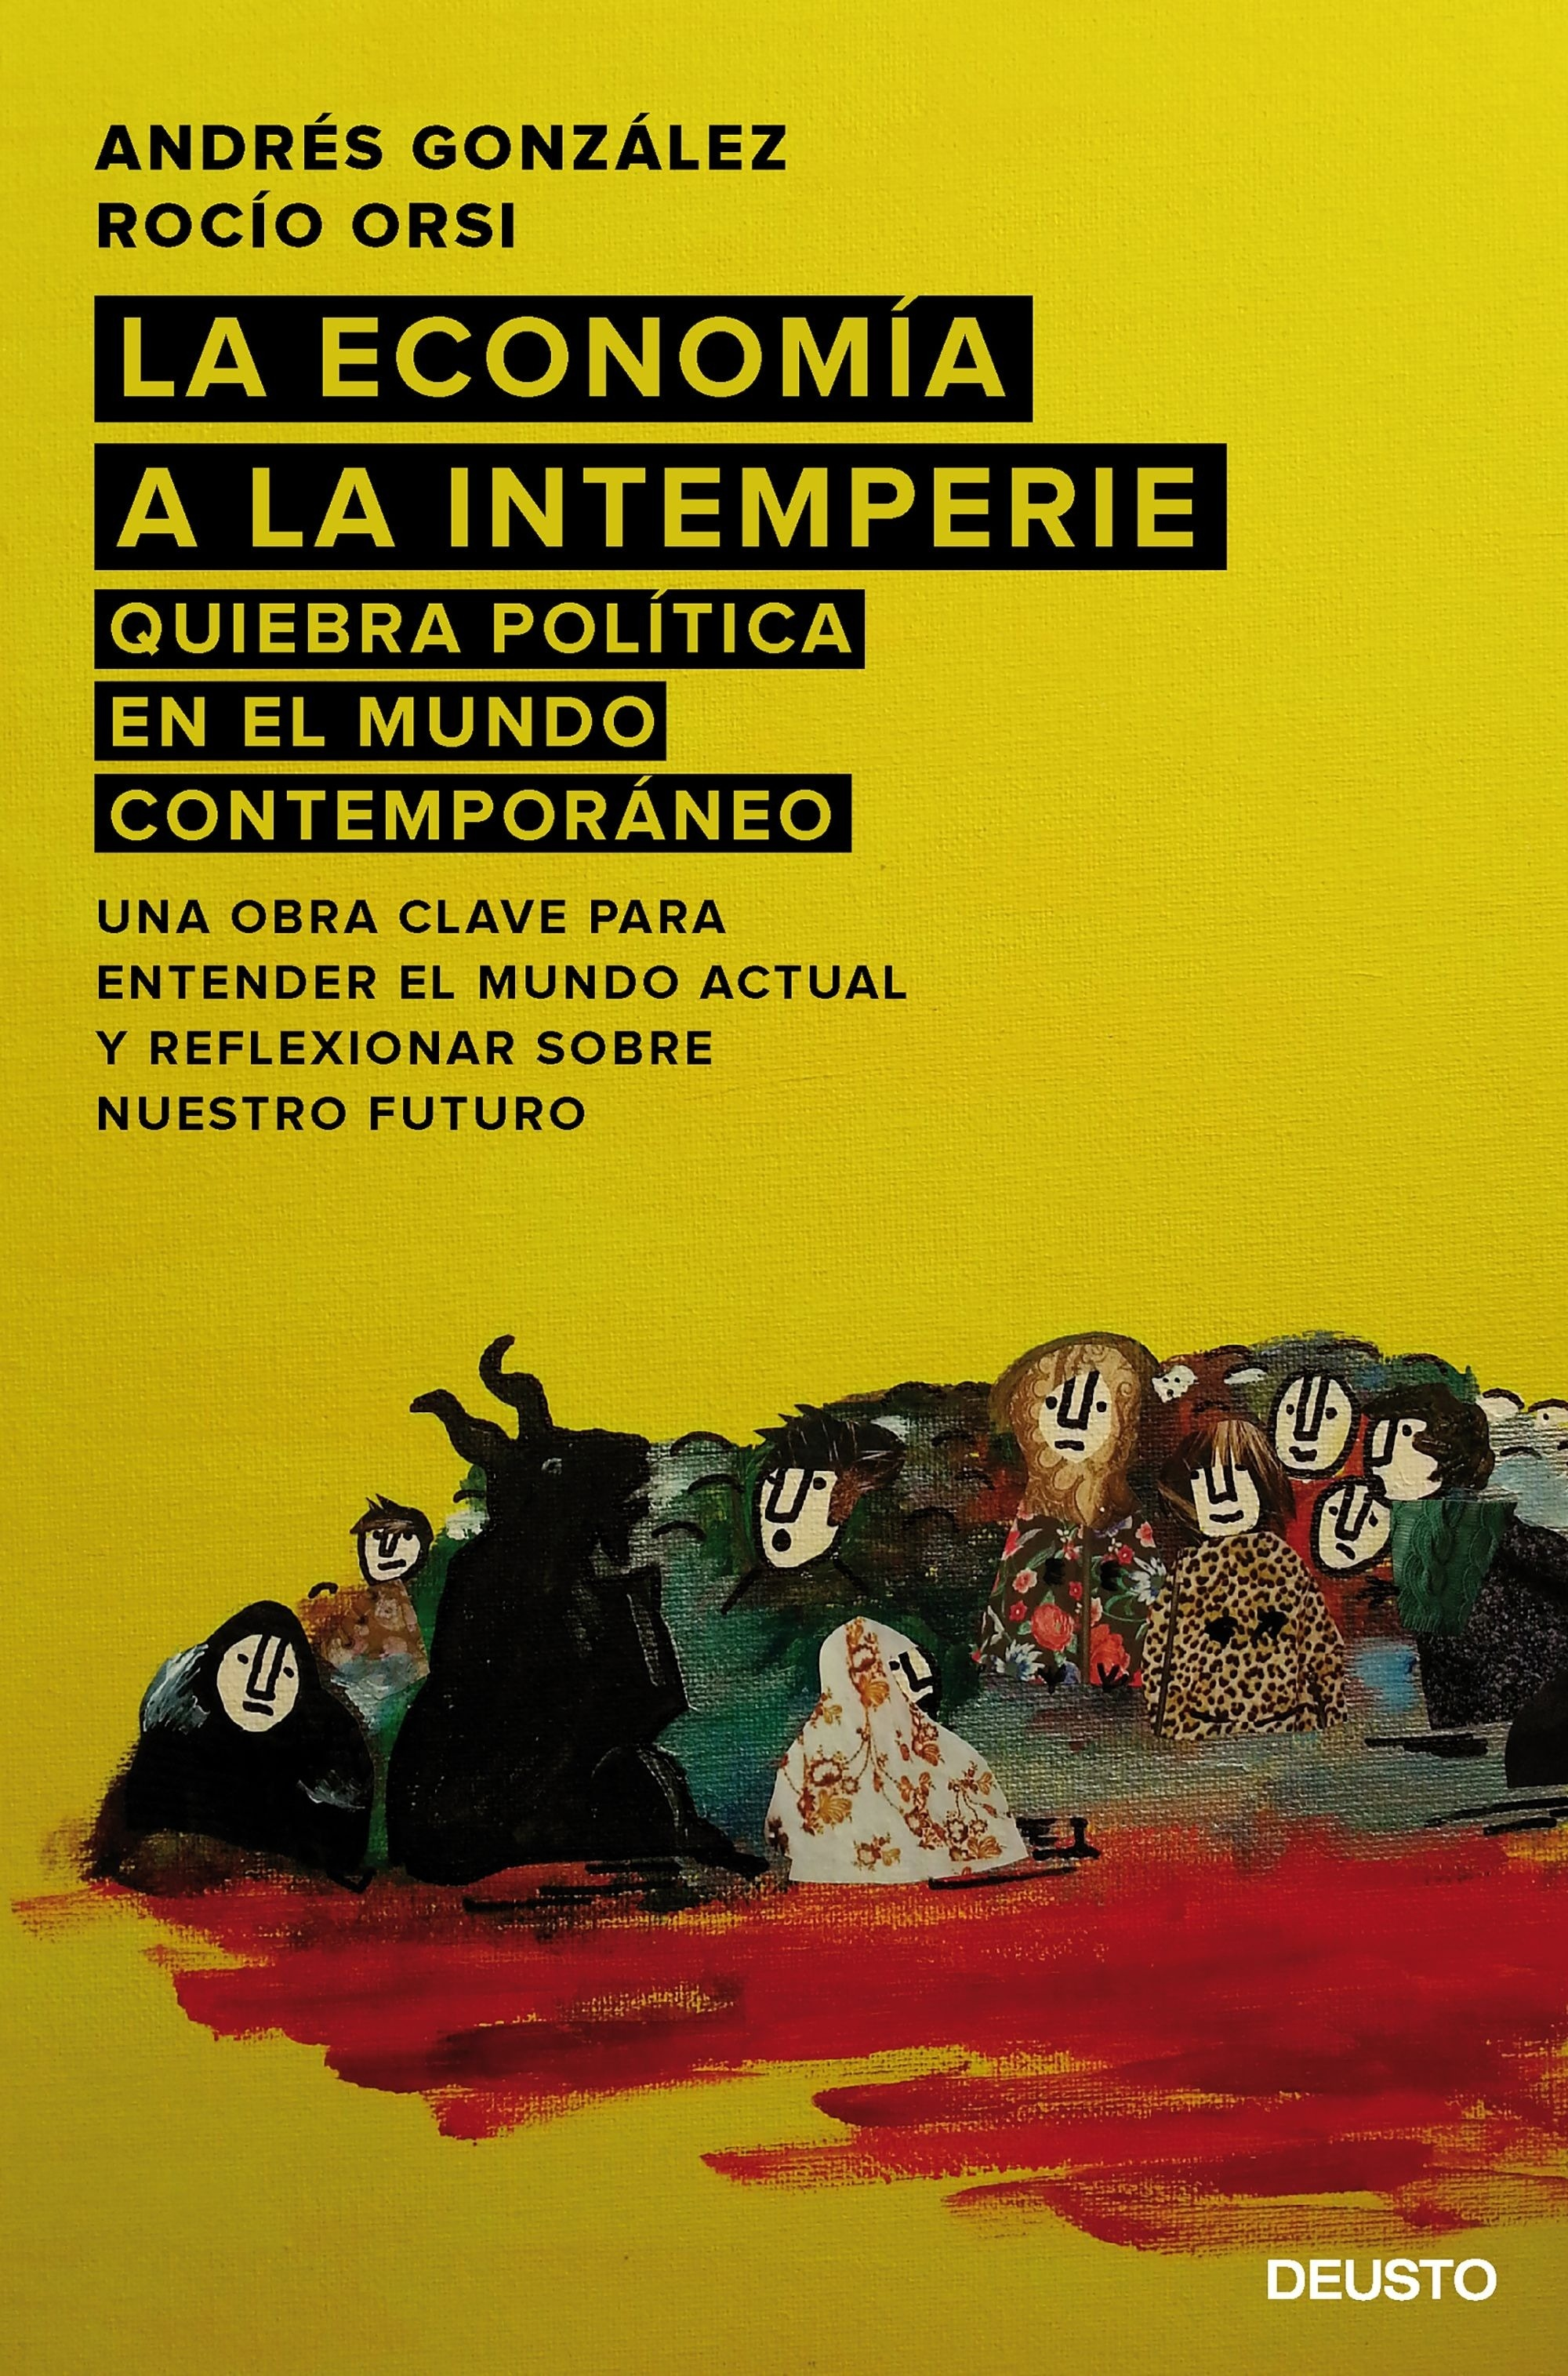 Libro: La economía a la intemperie 'Quiebra política en el mundo contemporáneo' - González López, Andrés